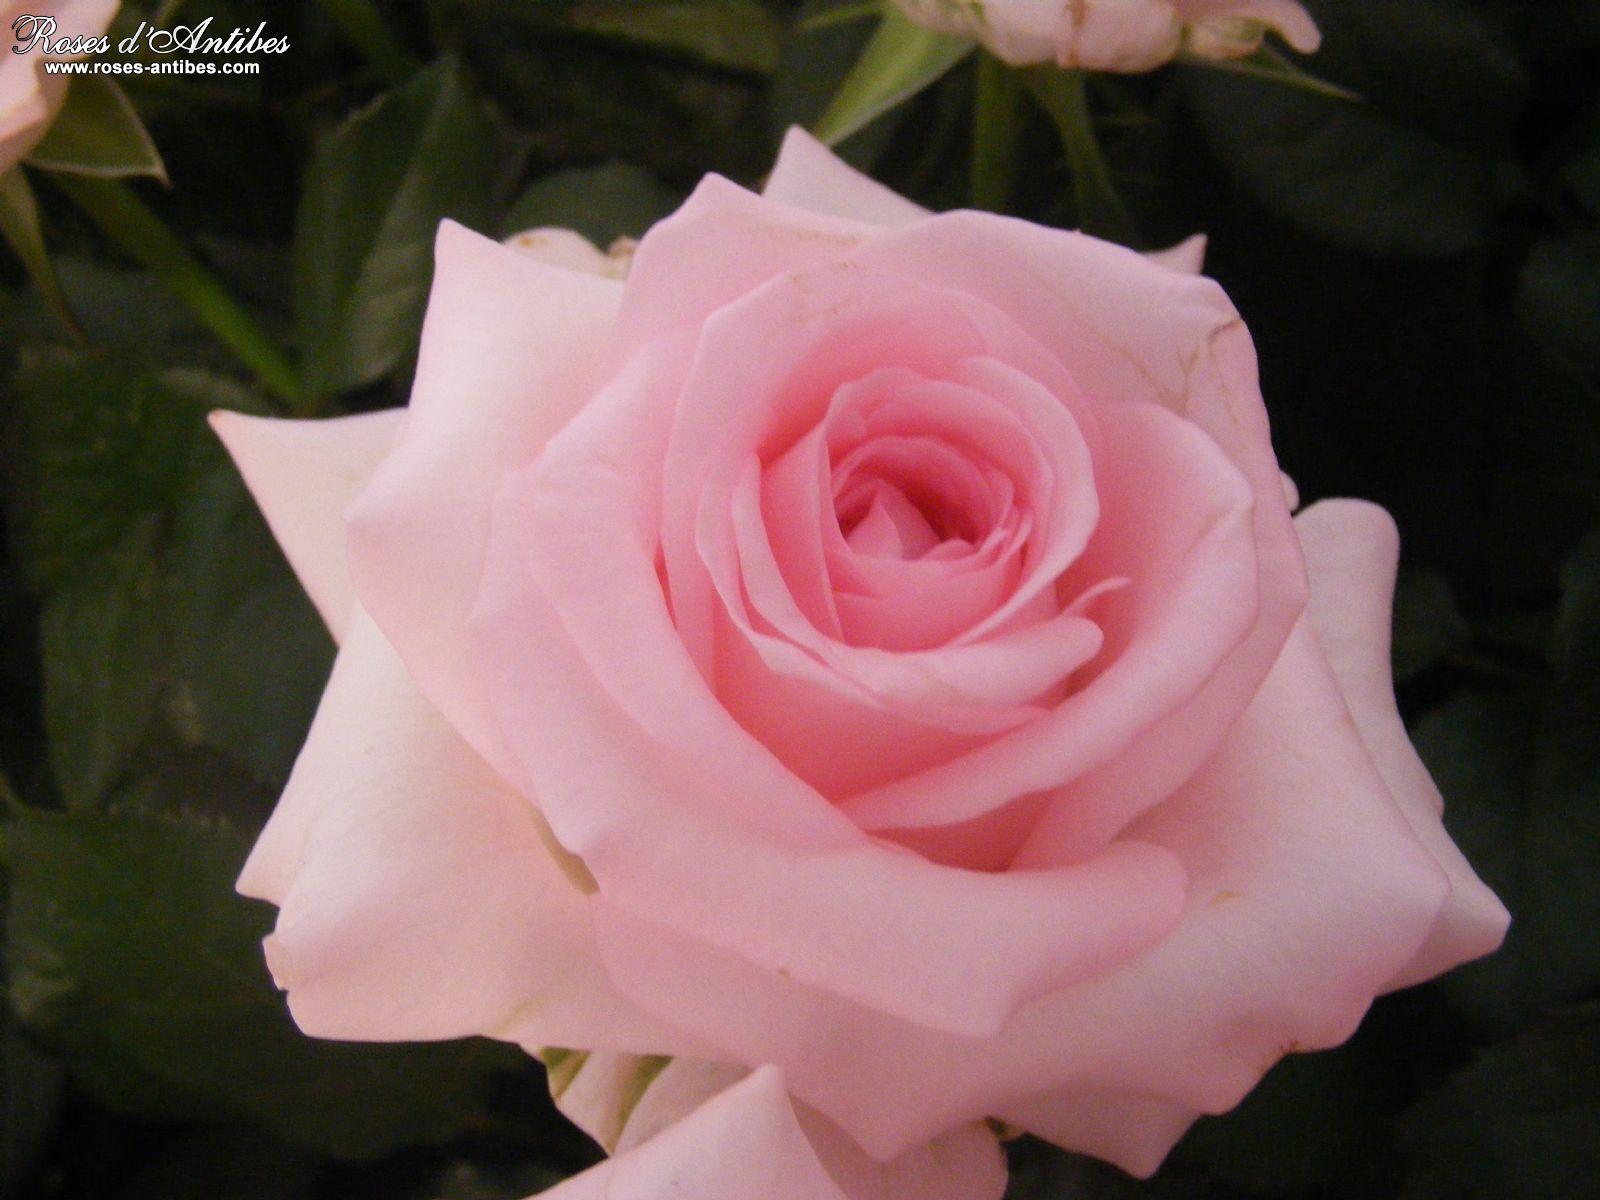 Galerie De Photo De Roses Bouquets De Roses De Roses D Antibes